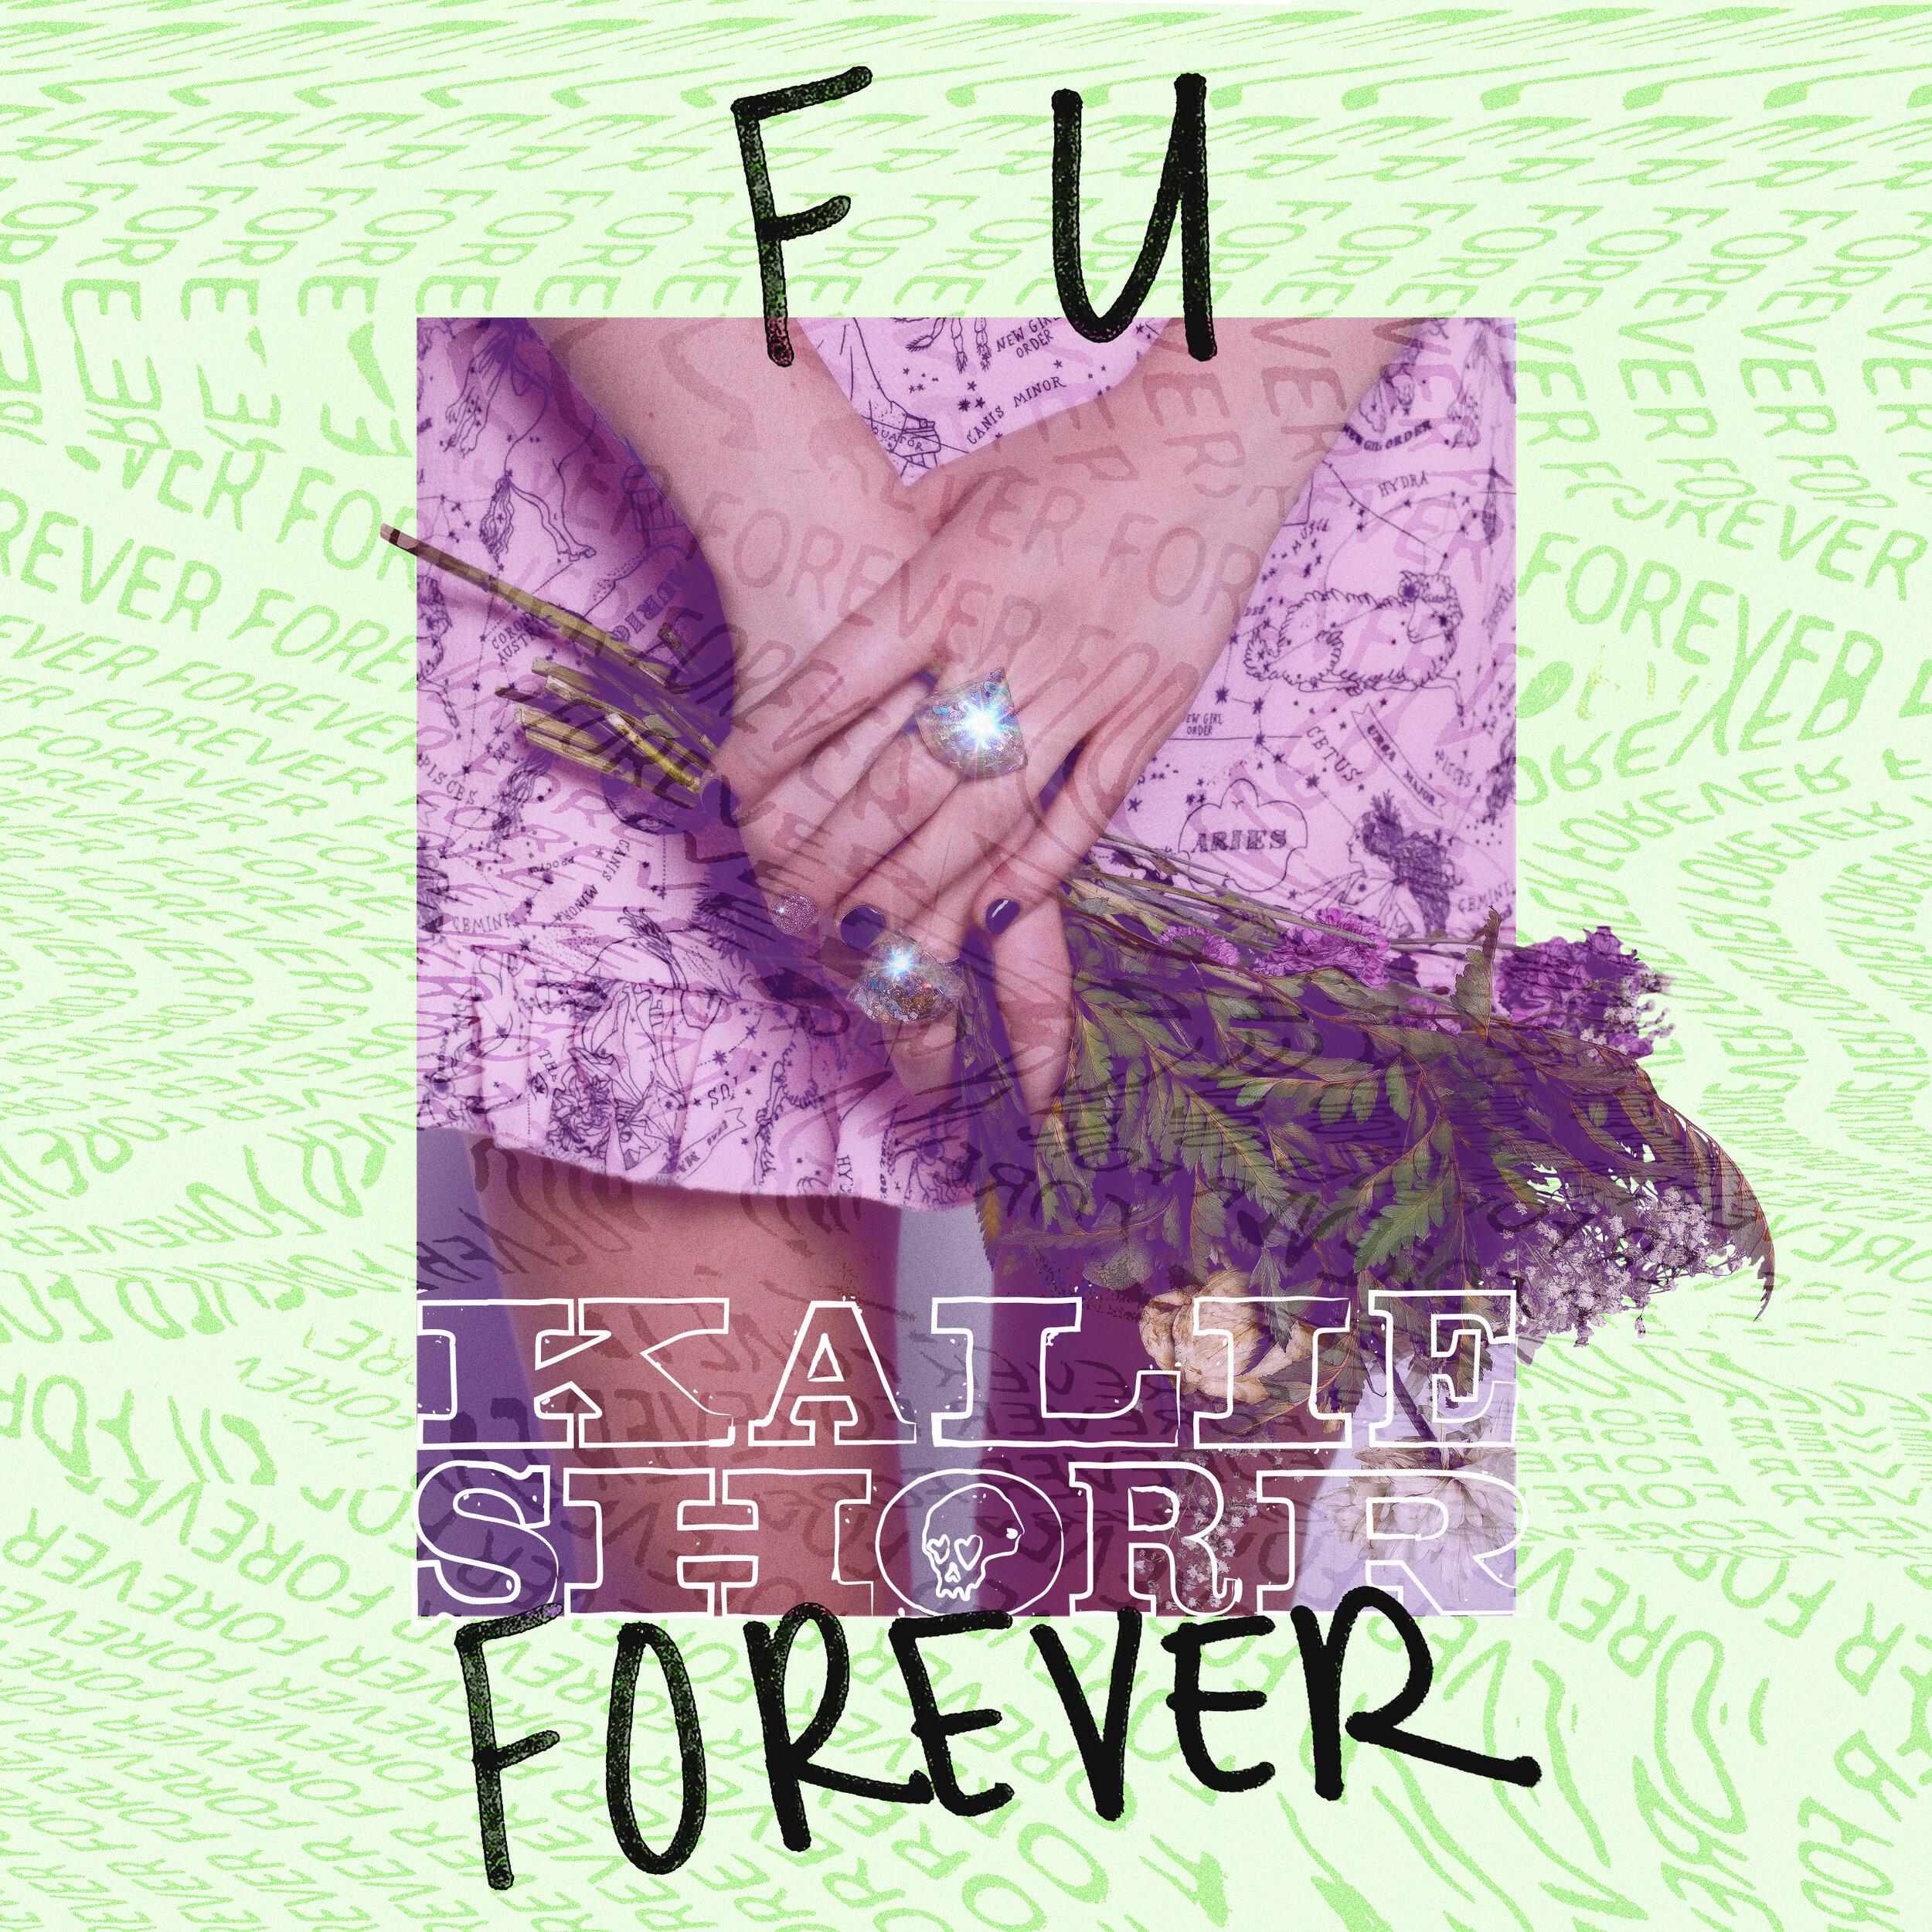 Kalie Shorr - F U Forever single cover.jpg